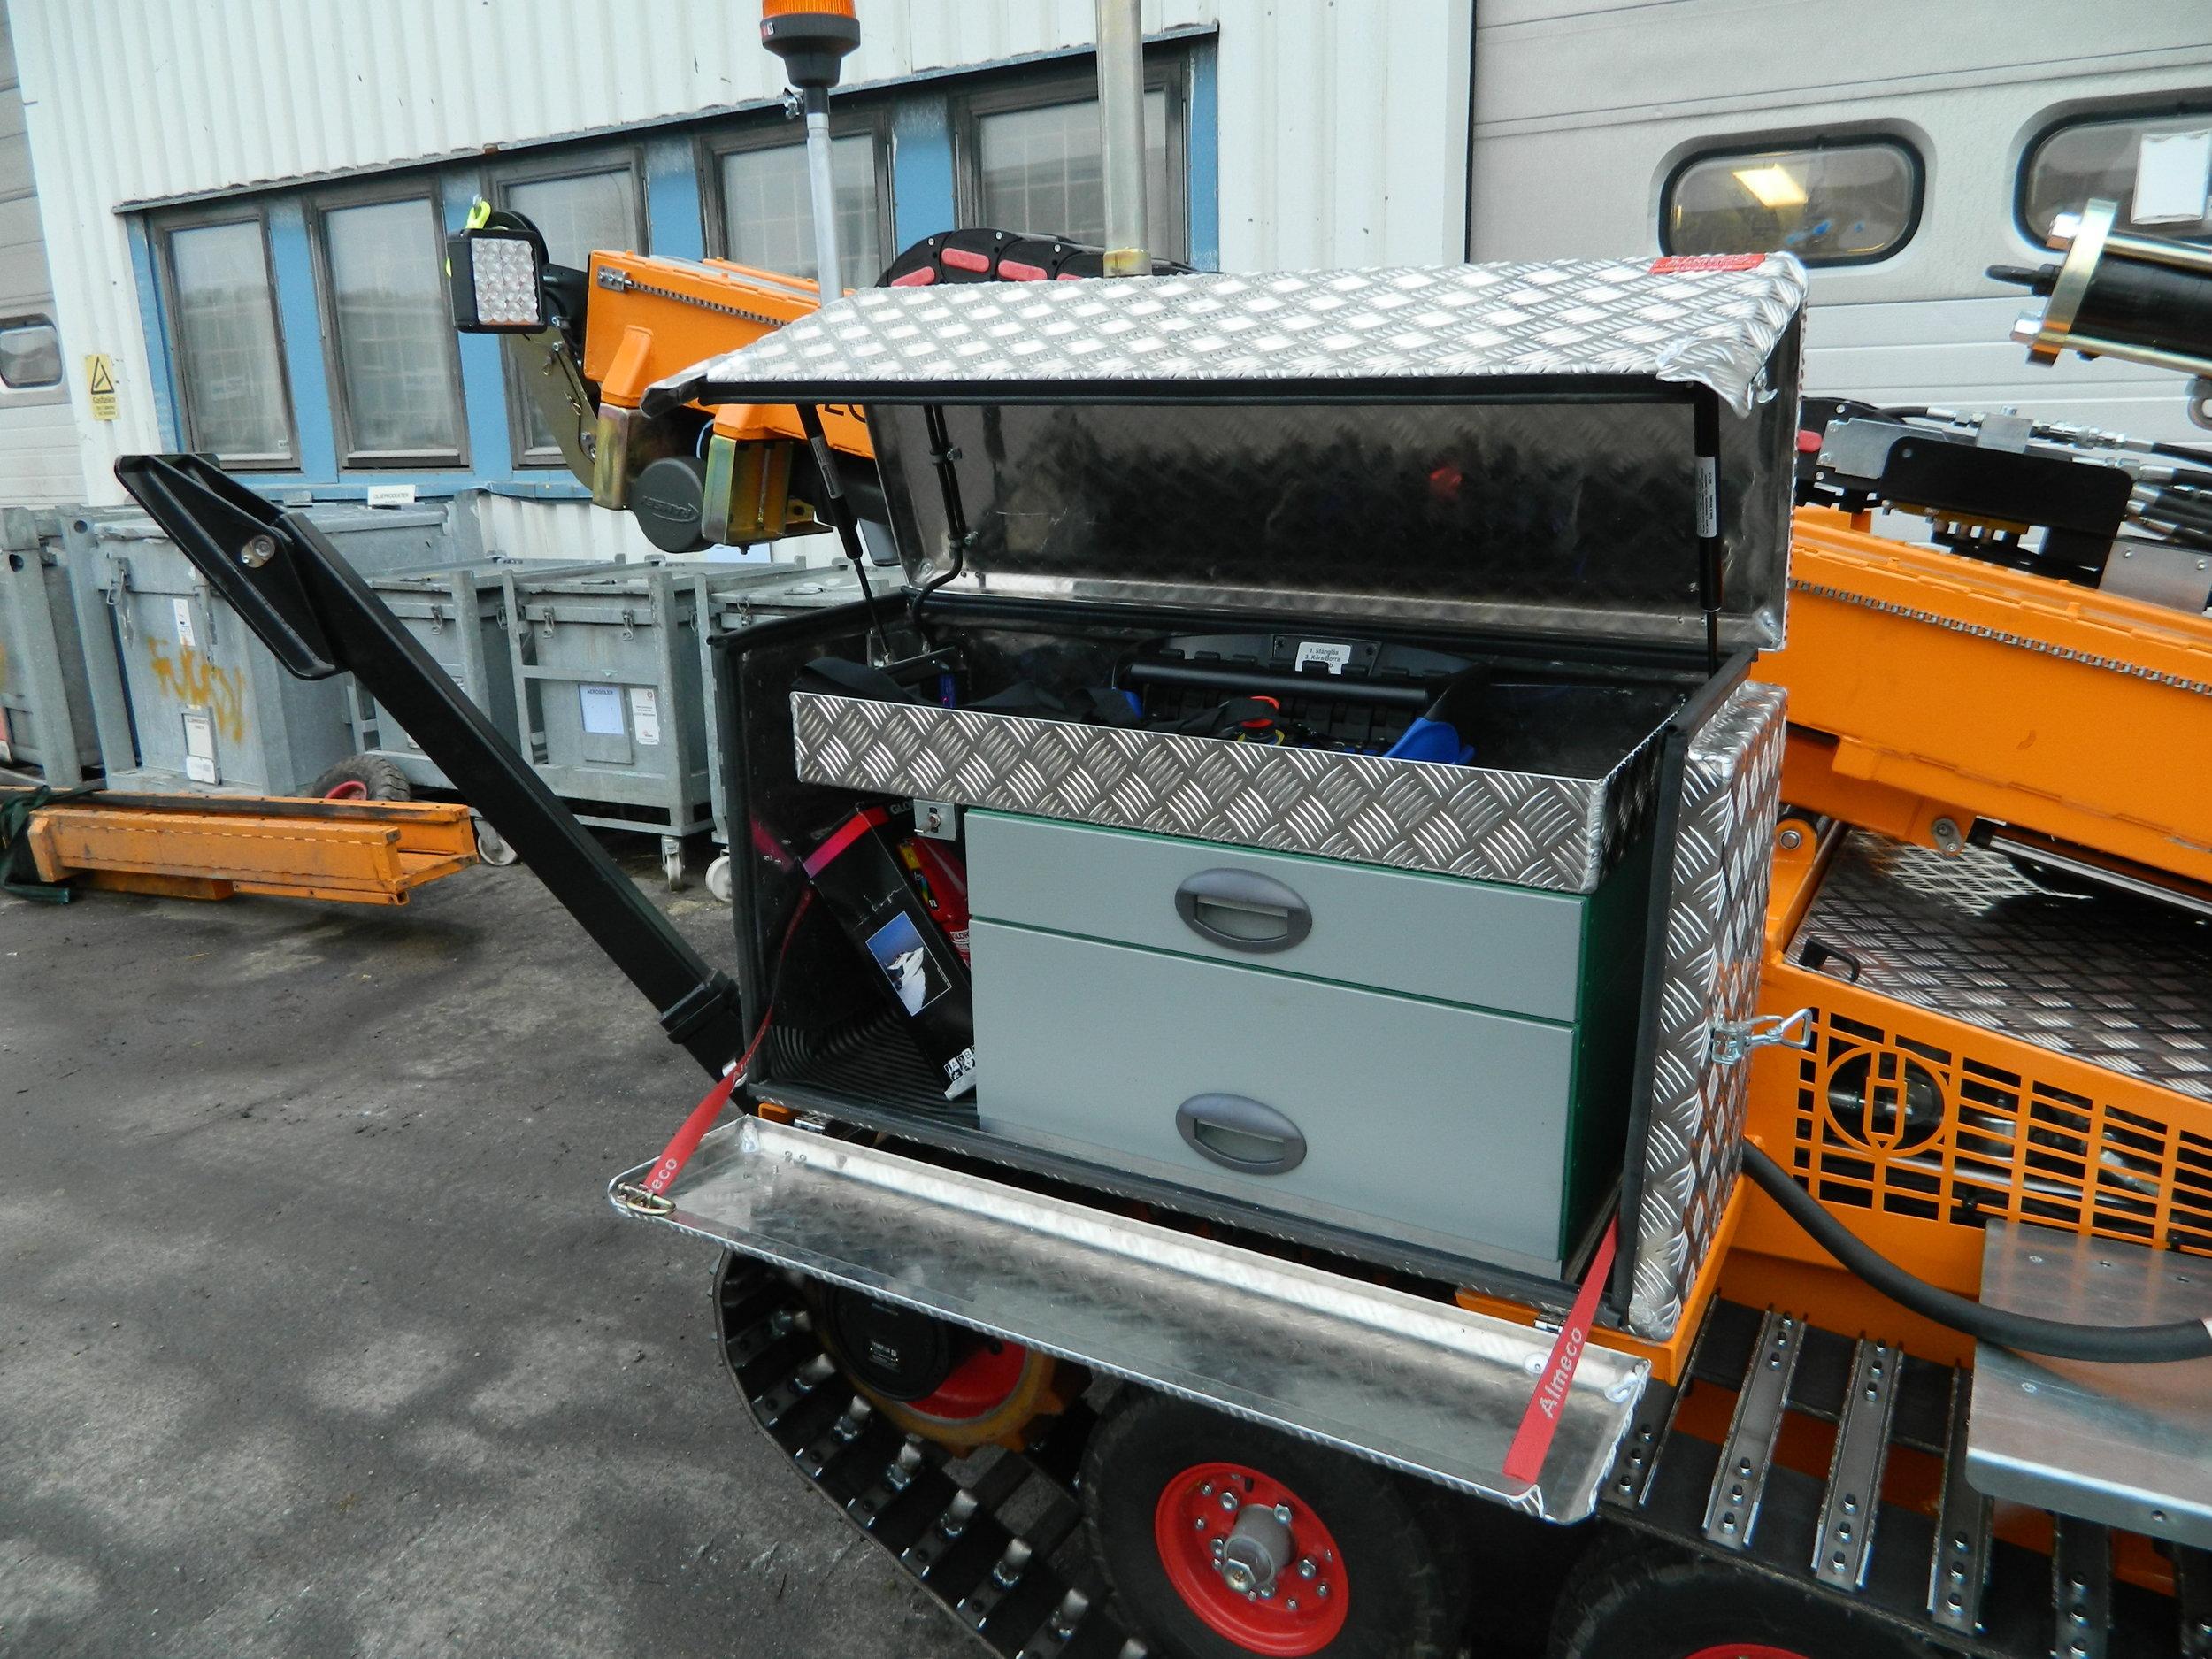 DSCN4180.JPG